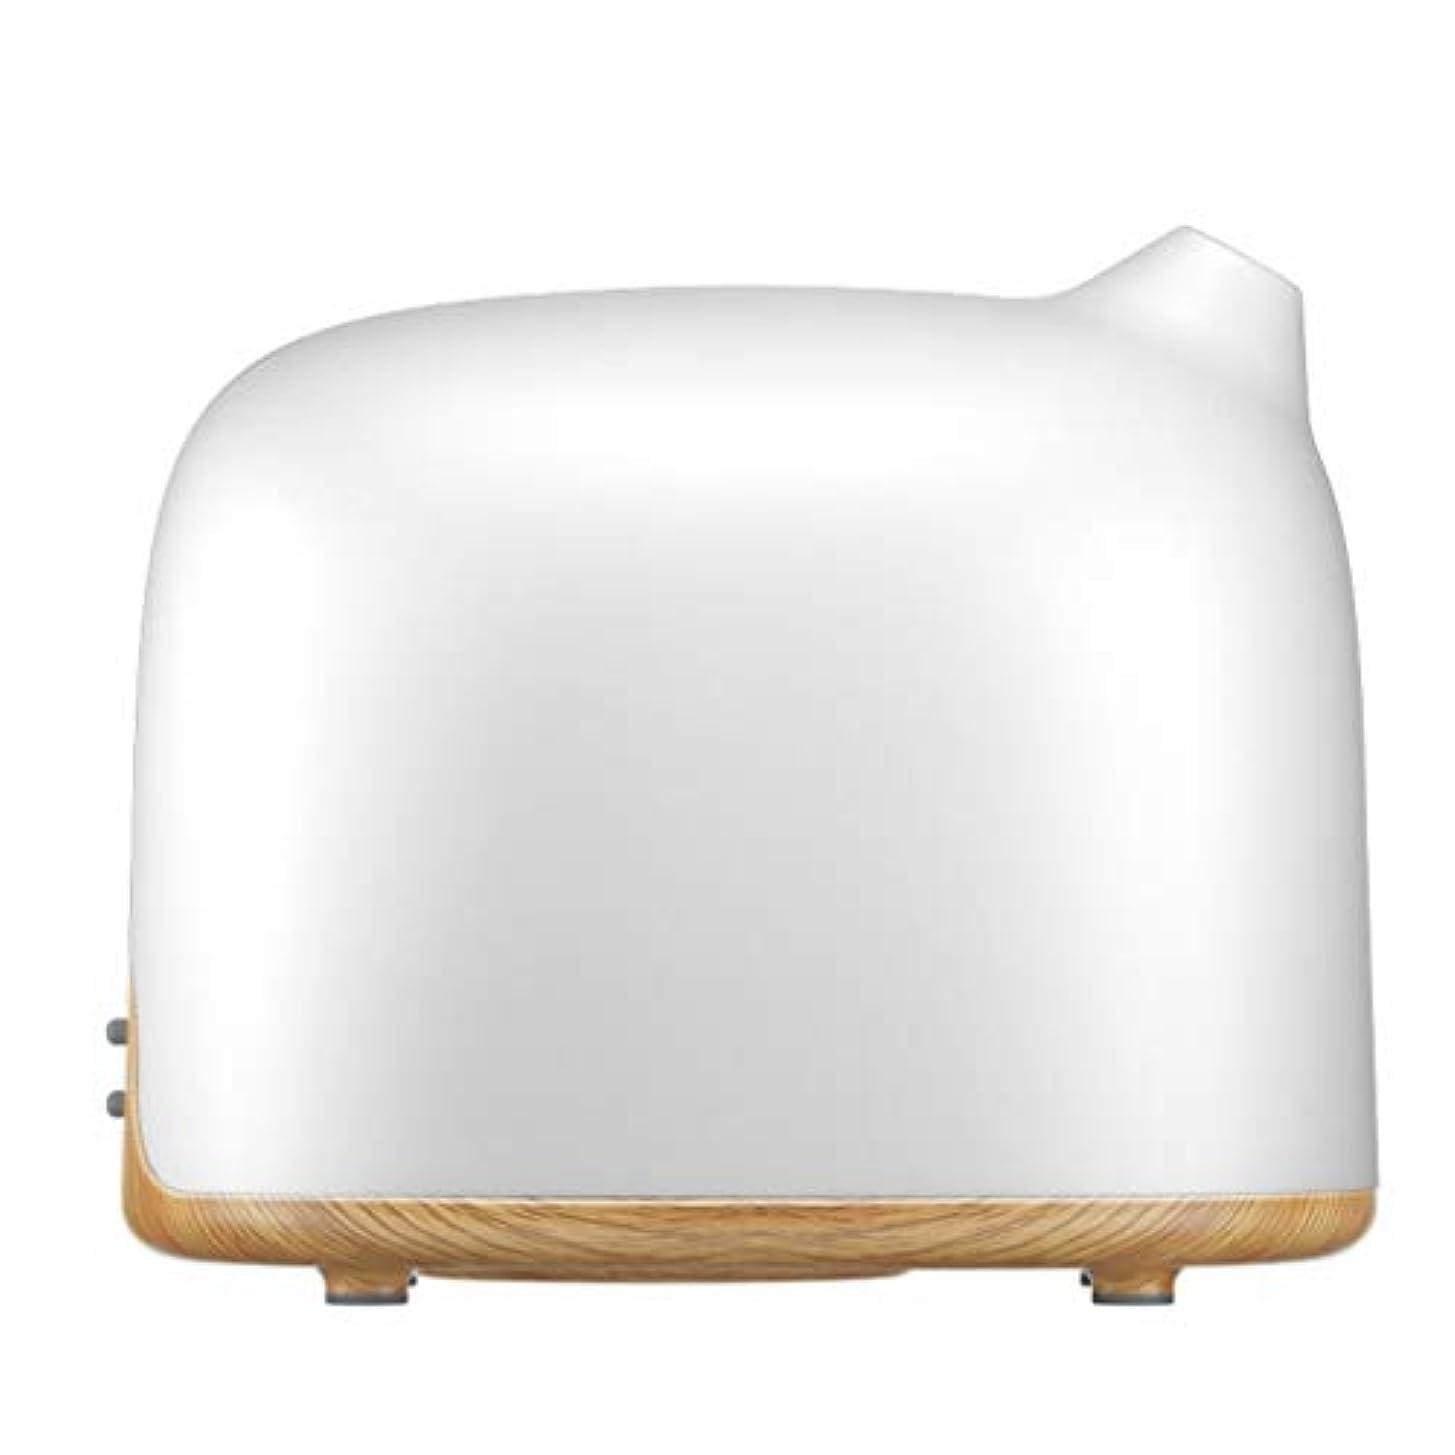 悪性チューインガム危機空気加湿器ホームサイレント寝室妊娠中の女性ベビーエアフォグ大容量ディフューザー (Color : Natural)